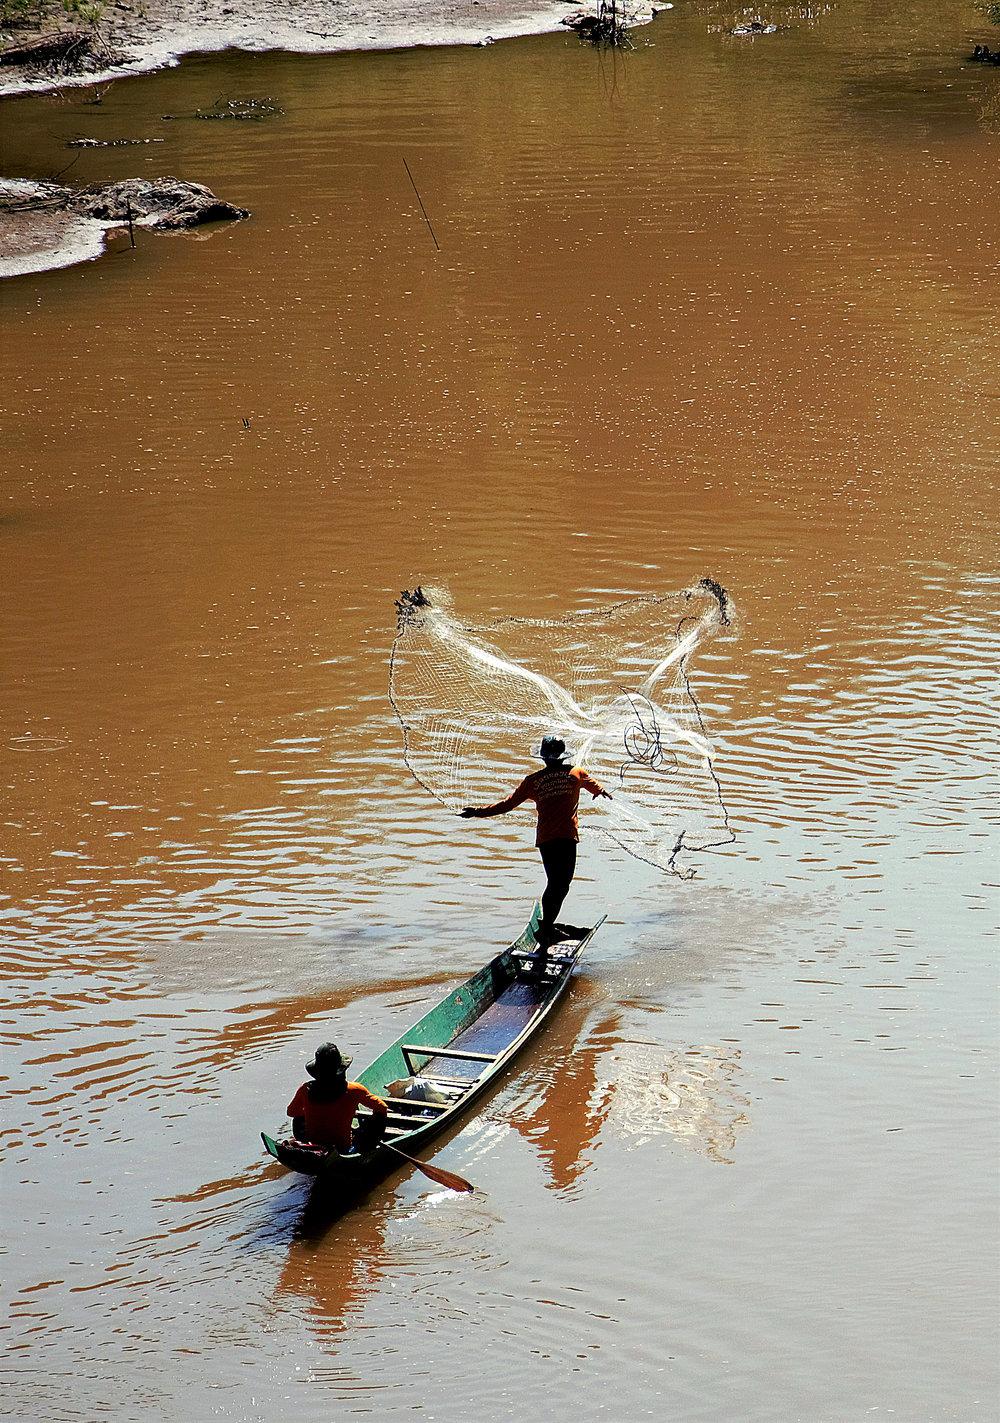 Laos-Photo-by-Seng-Yang-05.jpg